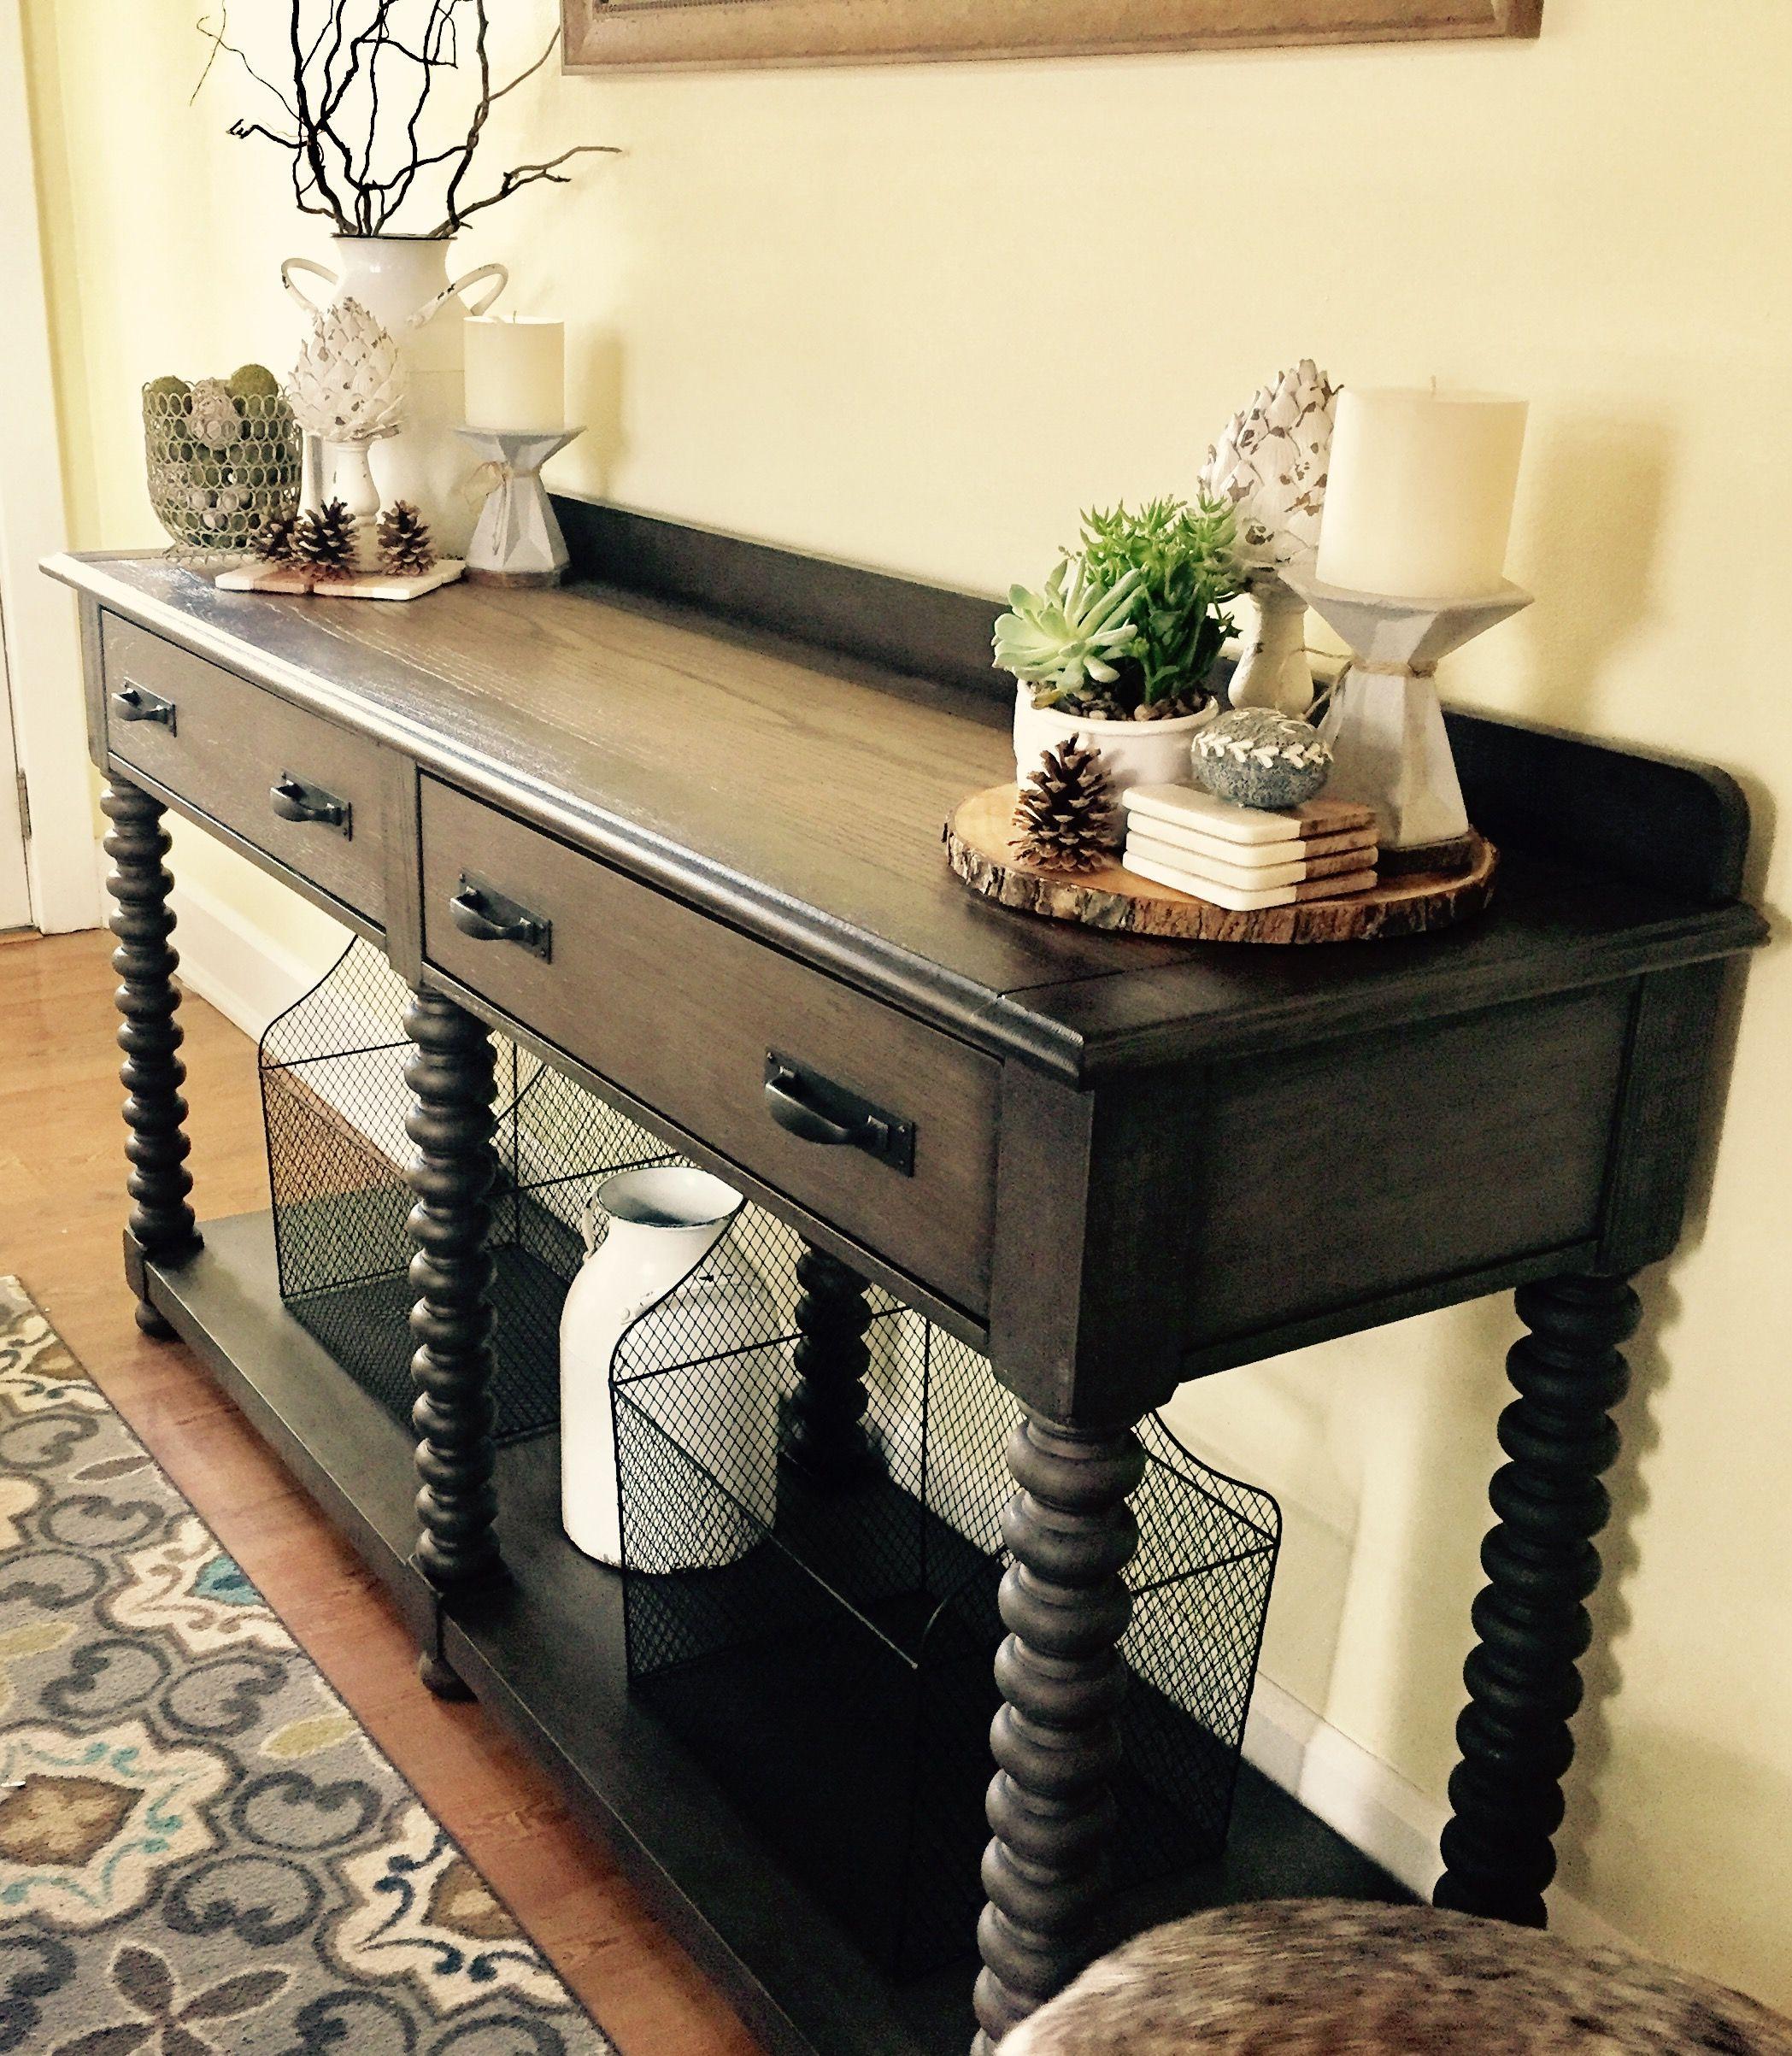 Magnolia Home Buffet Http://www.furniturerow.com